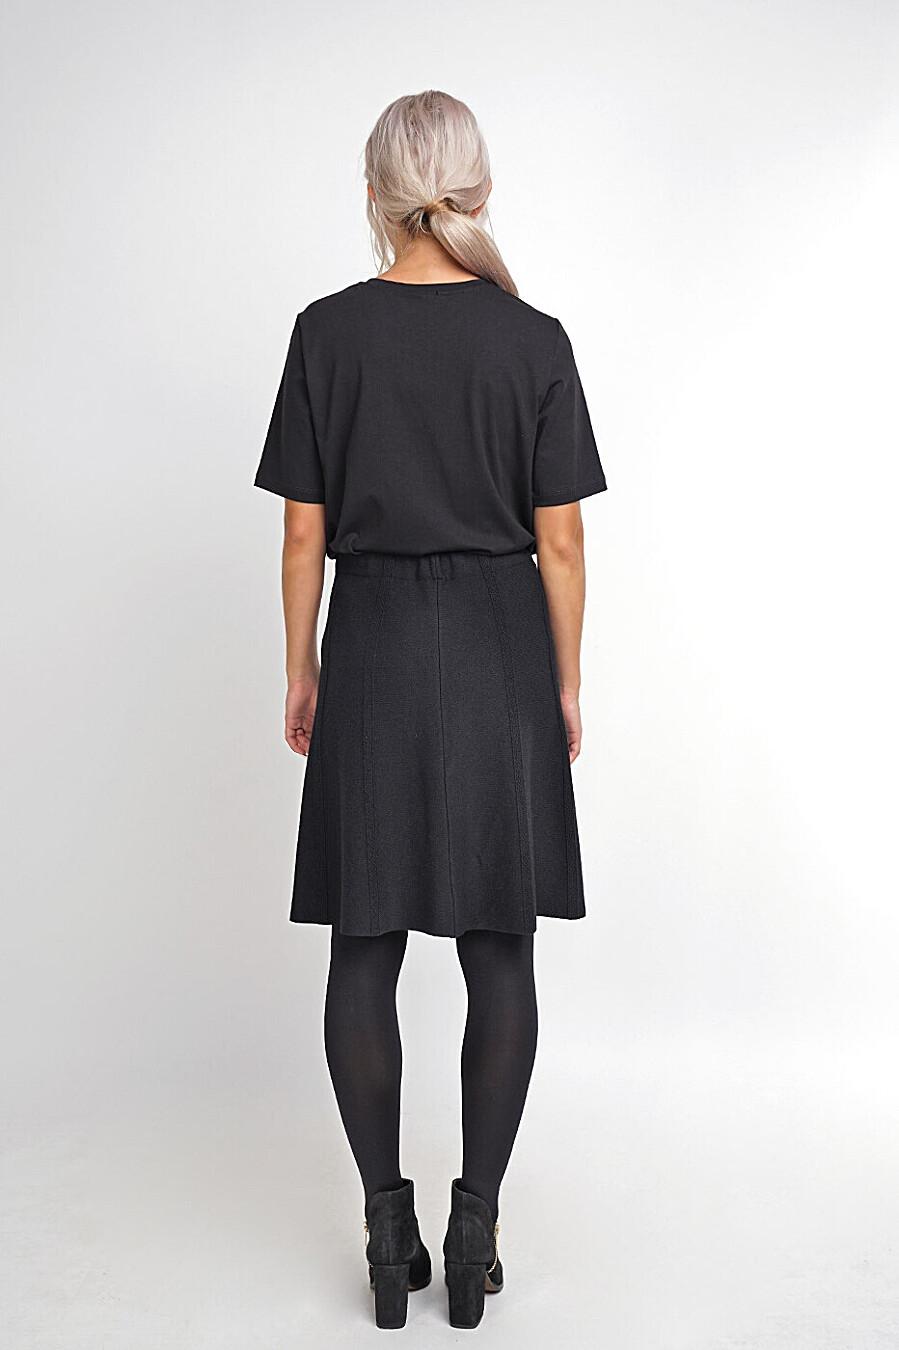 Юбка для женщин CLEVER 272878 купить оптом от производителя. Совместная покупка женской одежды в OptMoyo